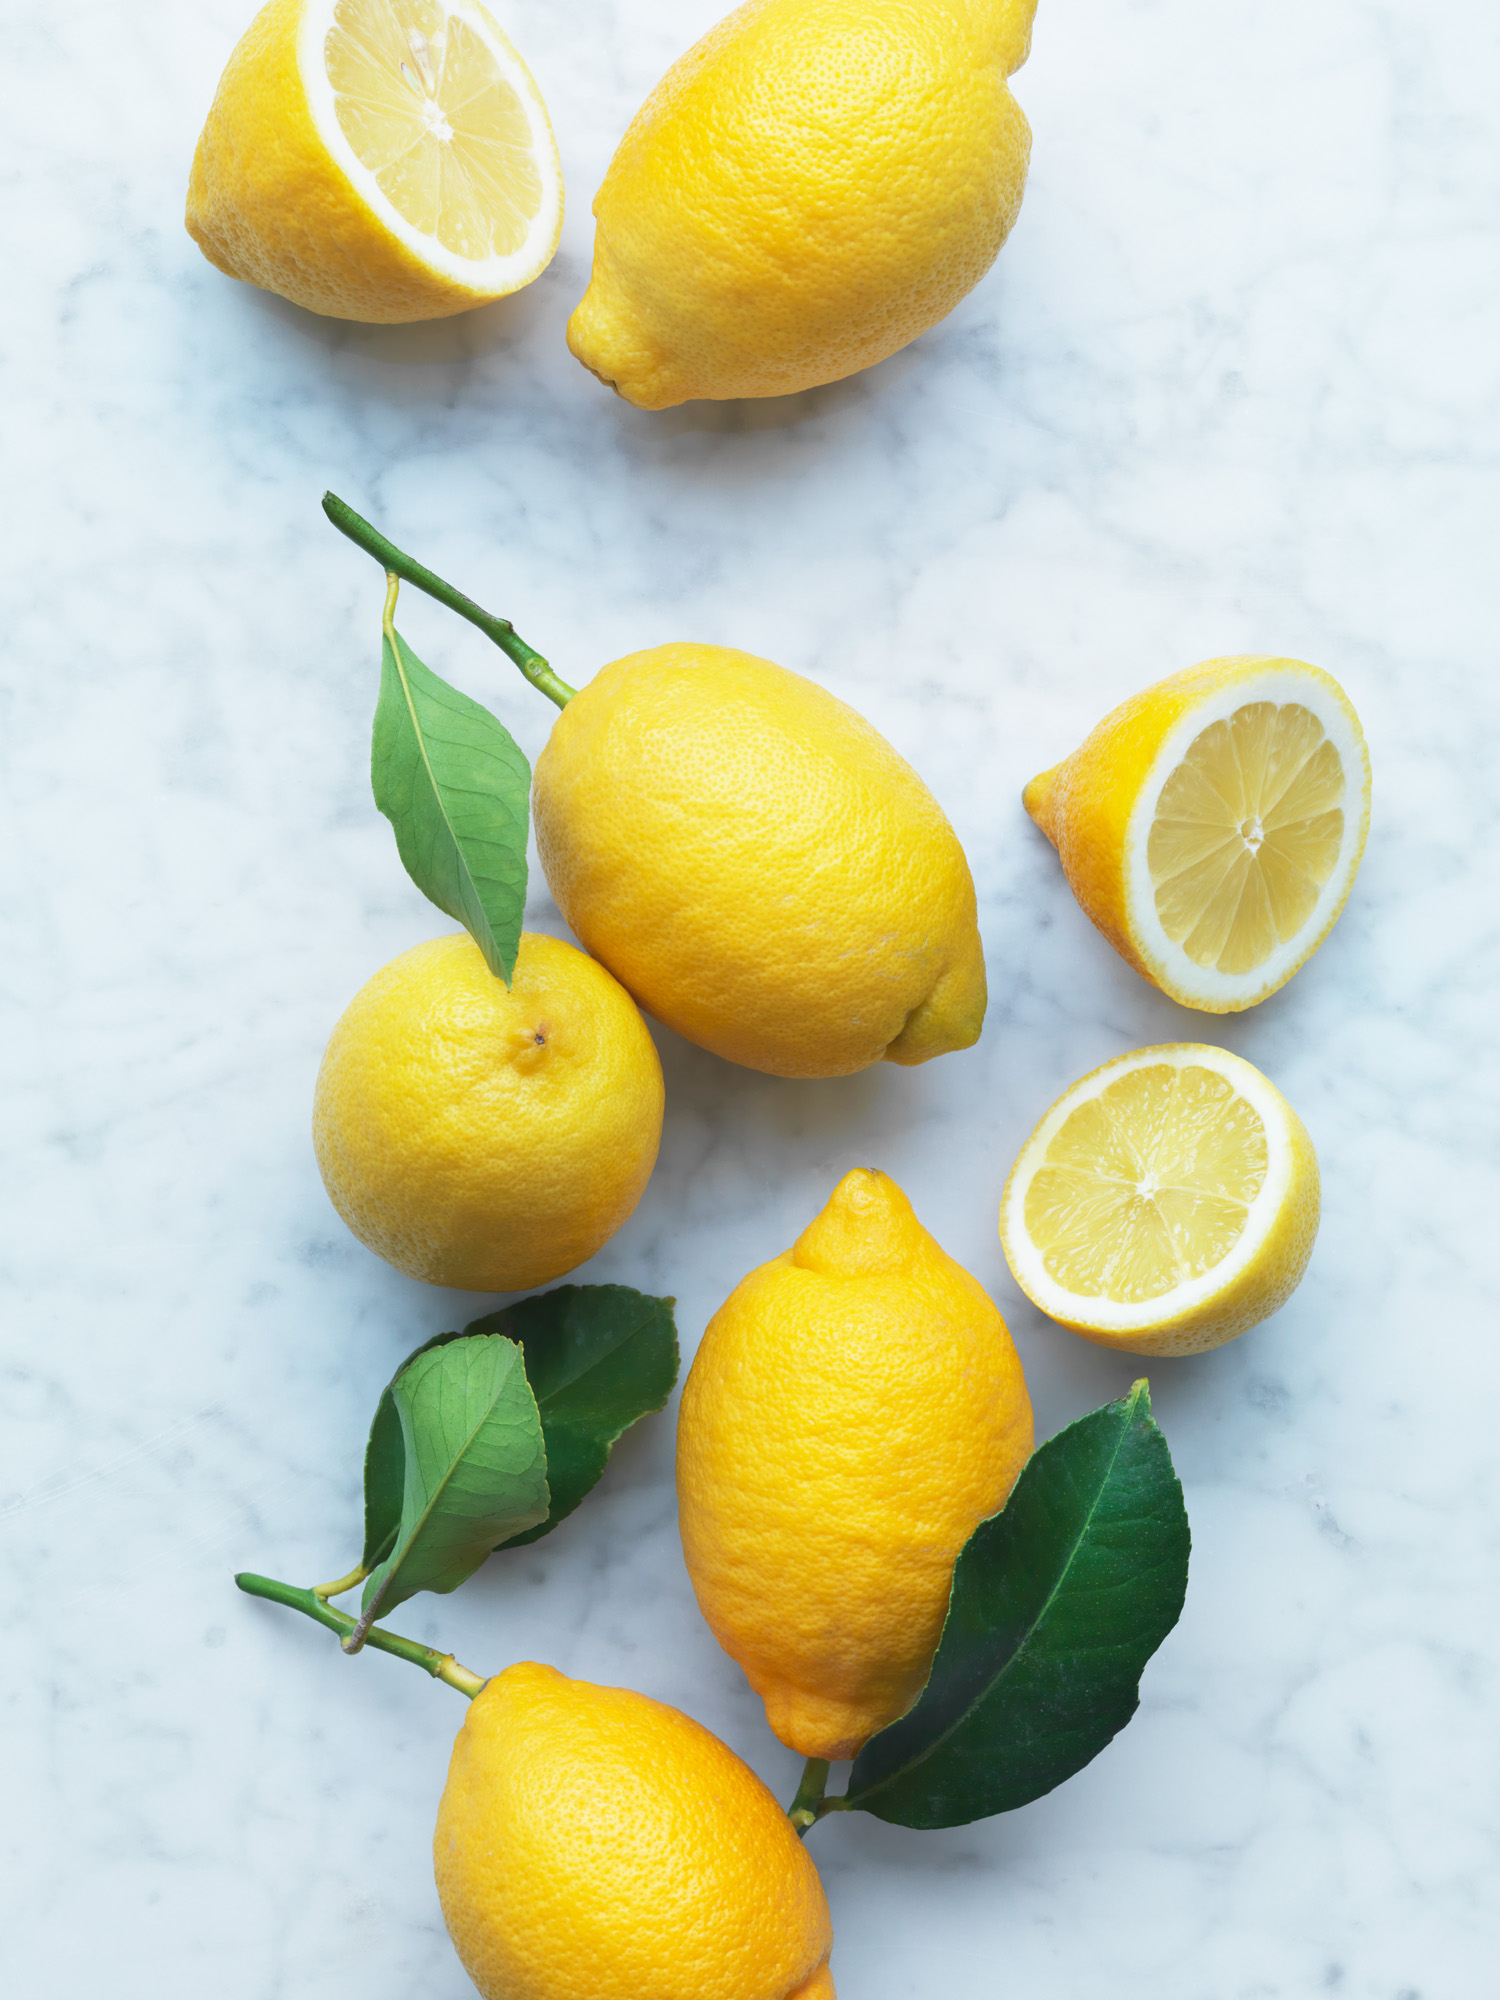 Waitrose_Bestcustomer_Lemons_21.2.18 - 687.jpg